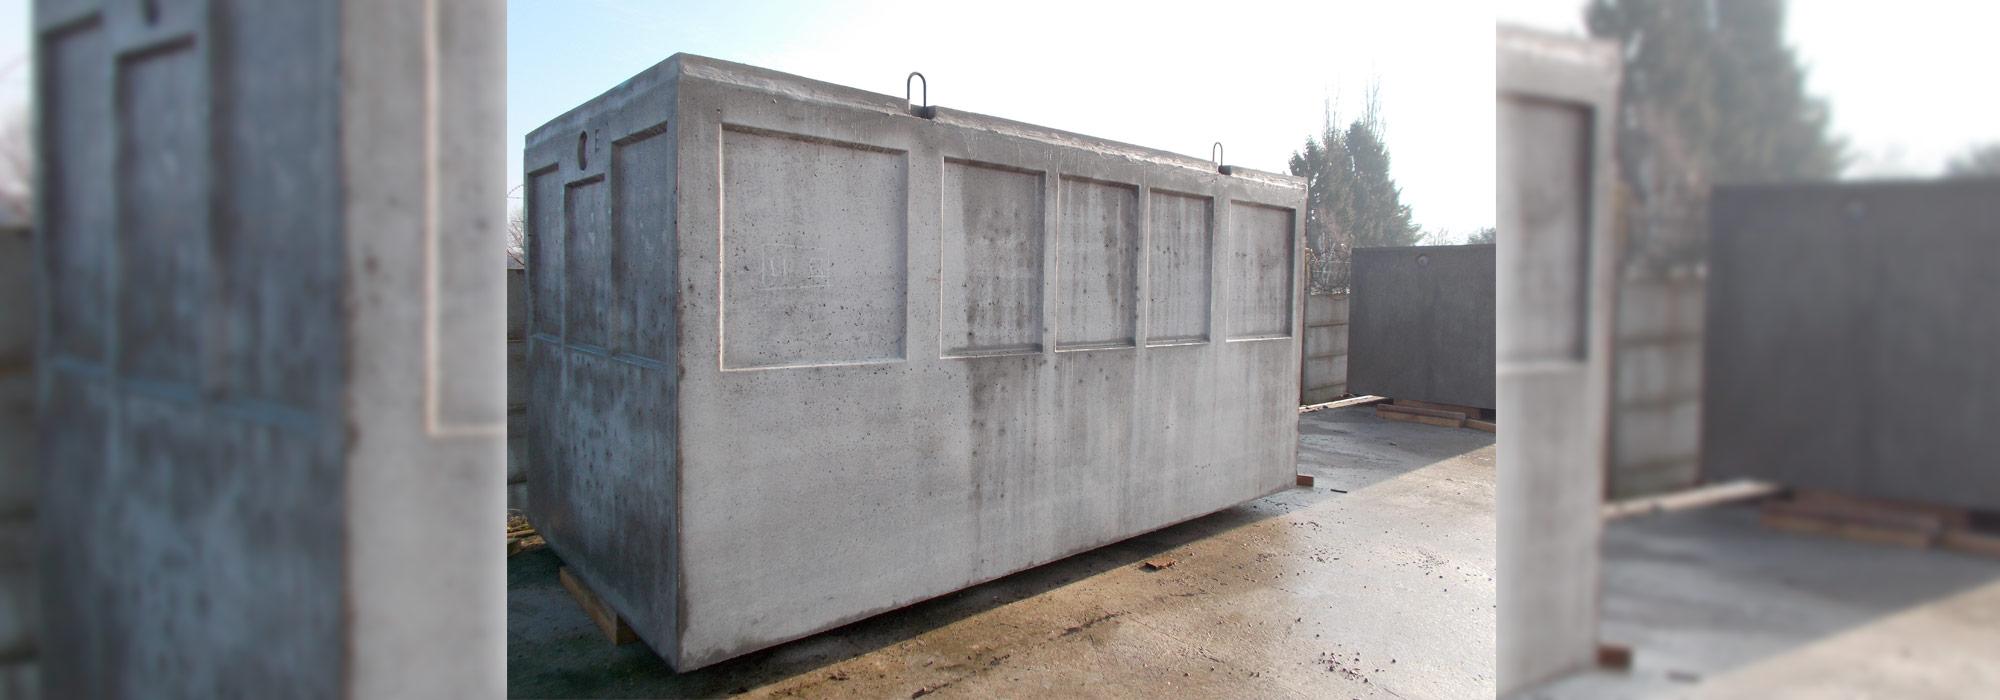 cavette-prefabriquee-beton-caby-hauts-de-france-lille-nord-arras-pas-de-calais-amiens-somme-compiegne-oise-rouen-seine-maritime